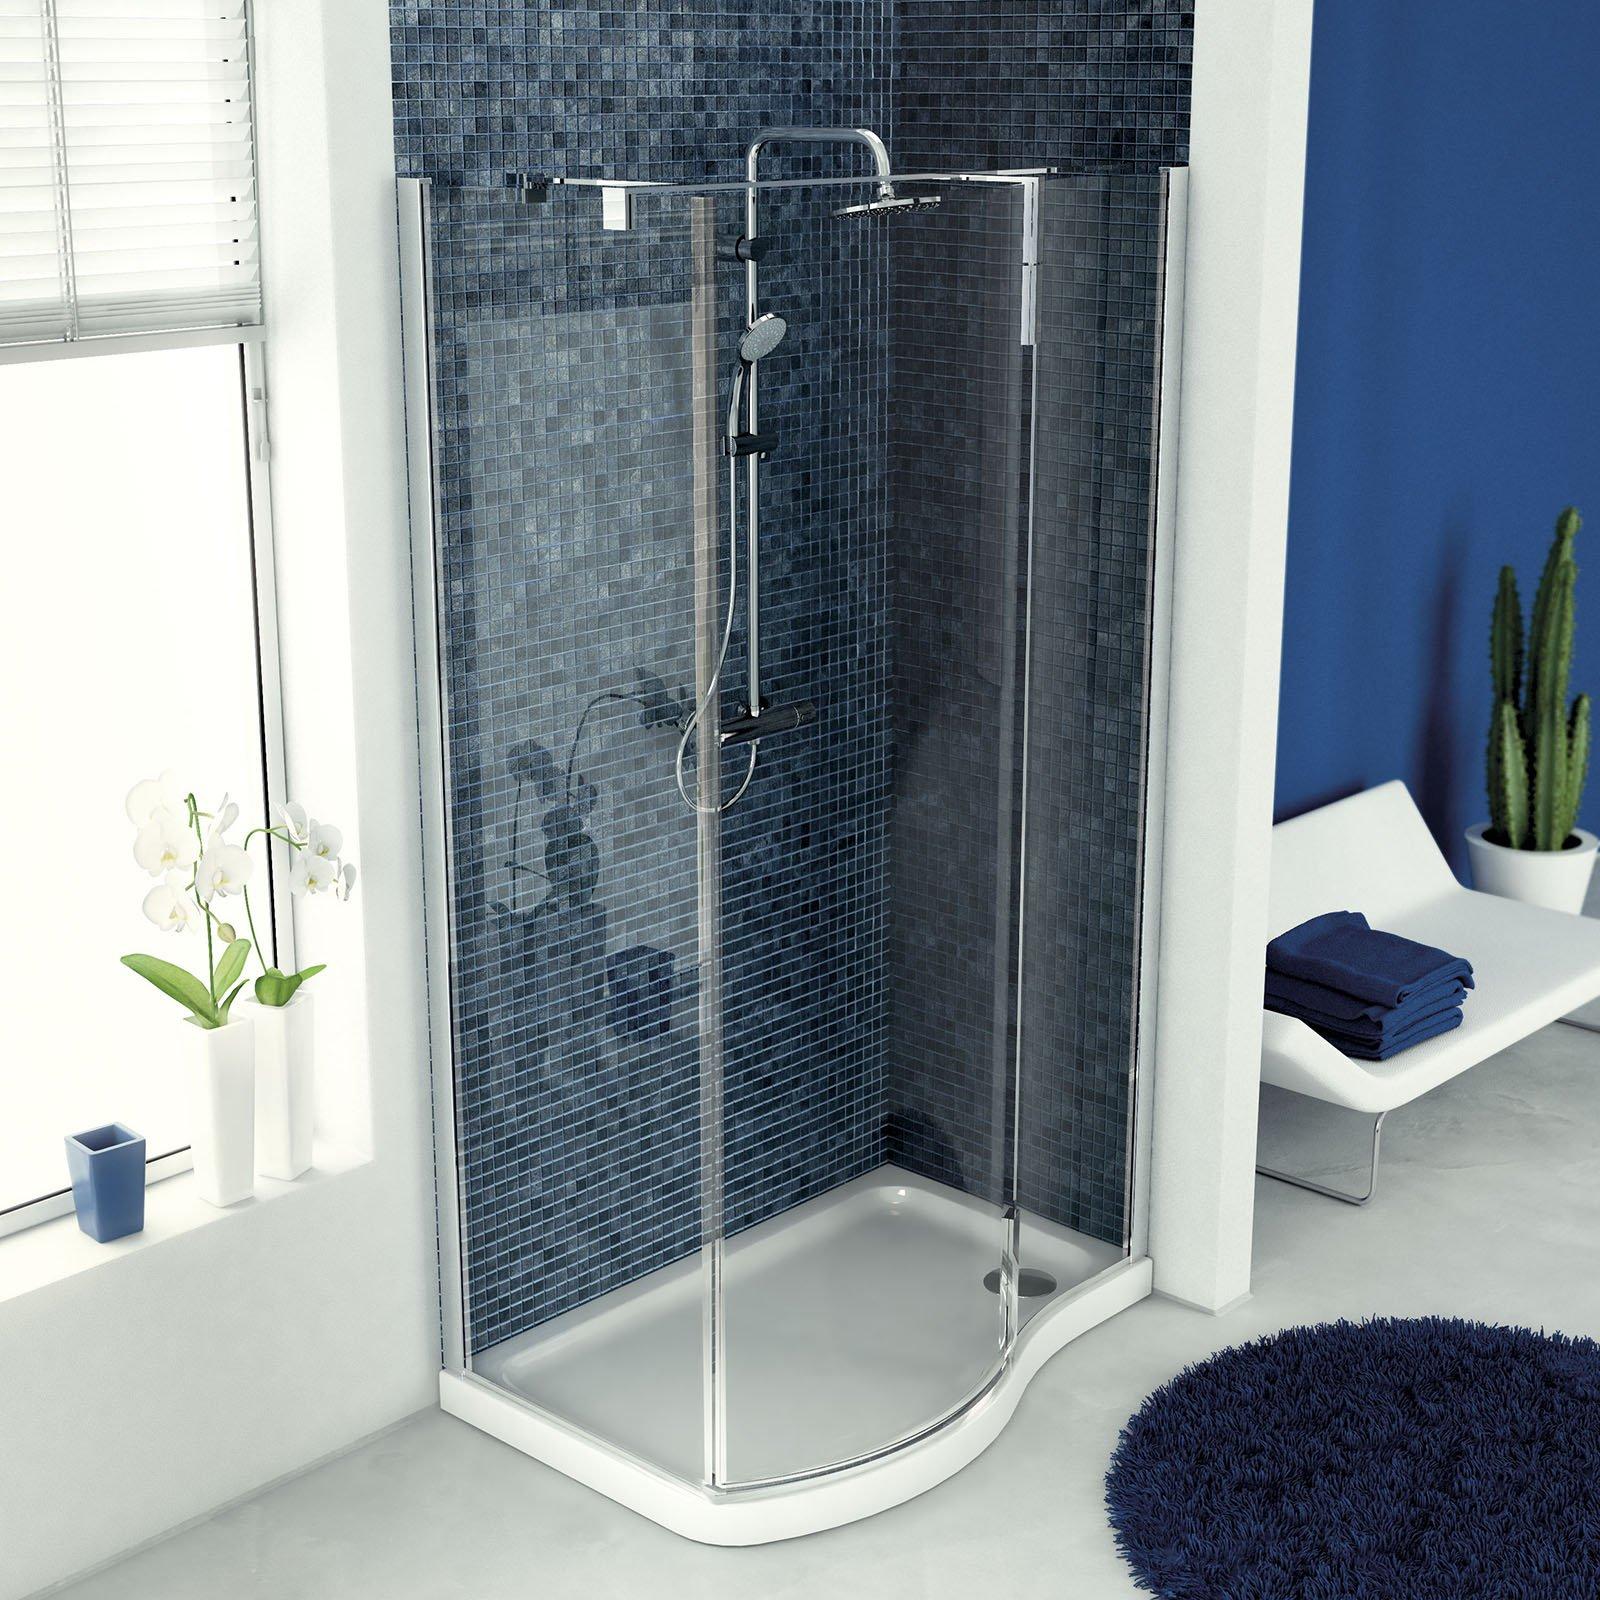 Piatto doccia quadrato rettangolare irregolare cose di casa - Rivestire piatto doccia ...